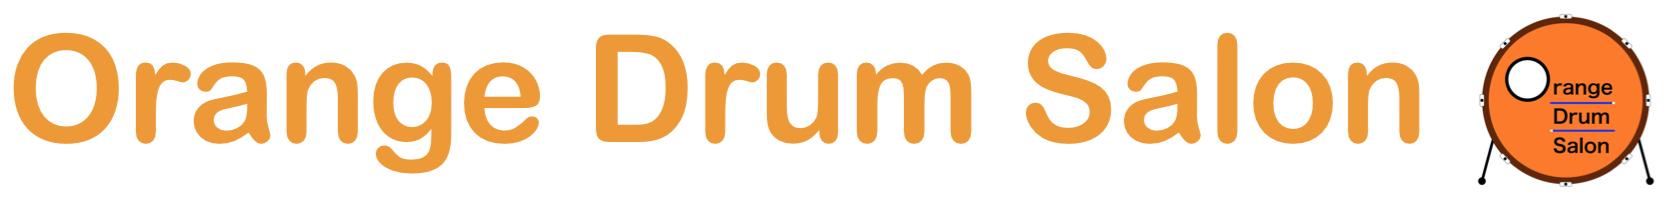 Orange Drum Salon